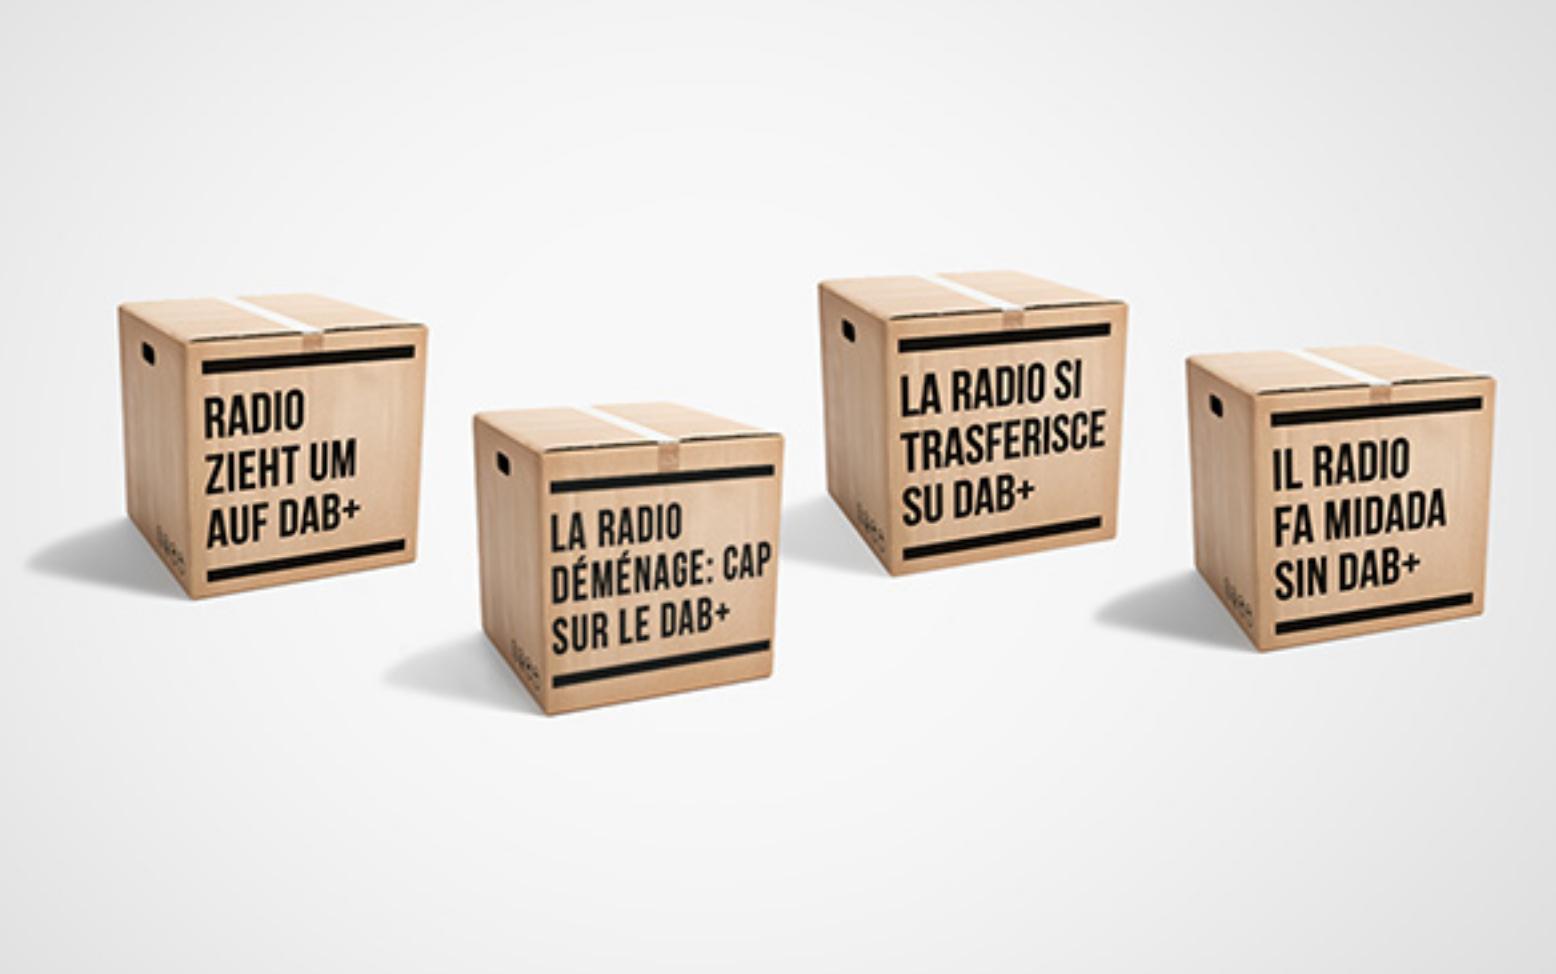 La ComCom lance un appel d'offres pour un nouveau réseau DAB+ en Suisse romande